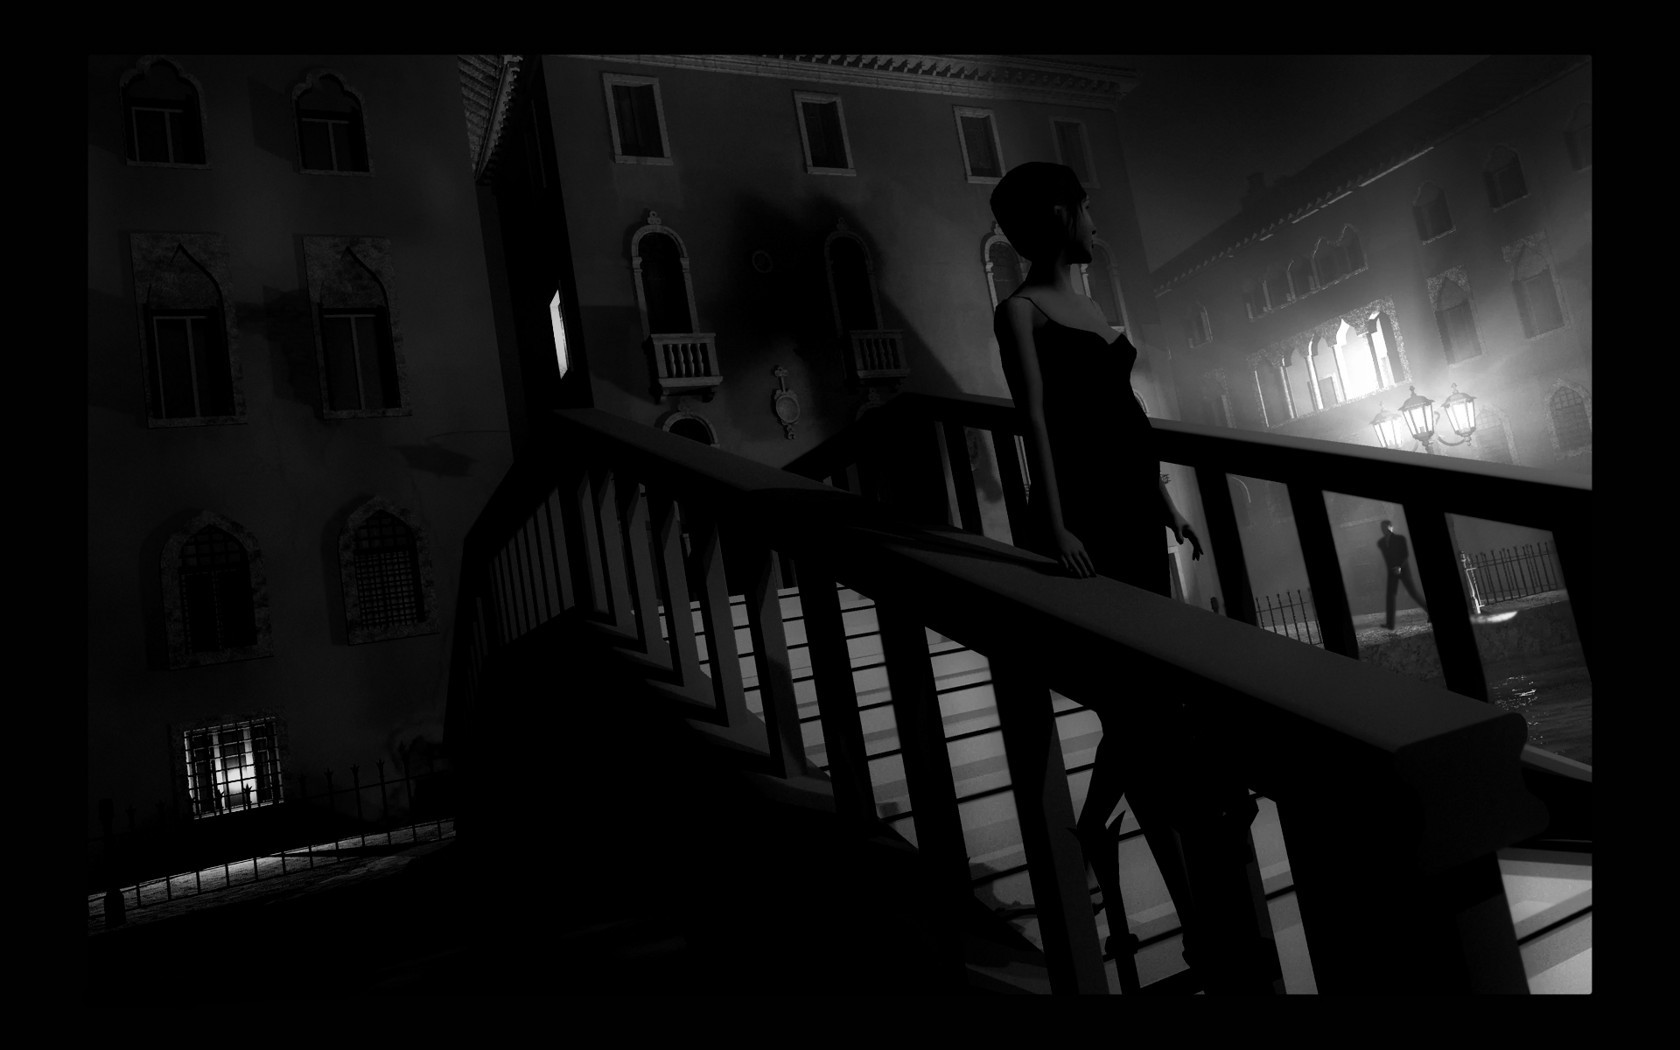 Noir Hd Wallpaper film noir wallpaper   DriverLayer Search Eng 1680x1050